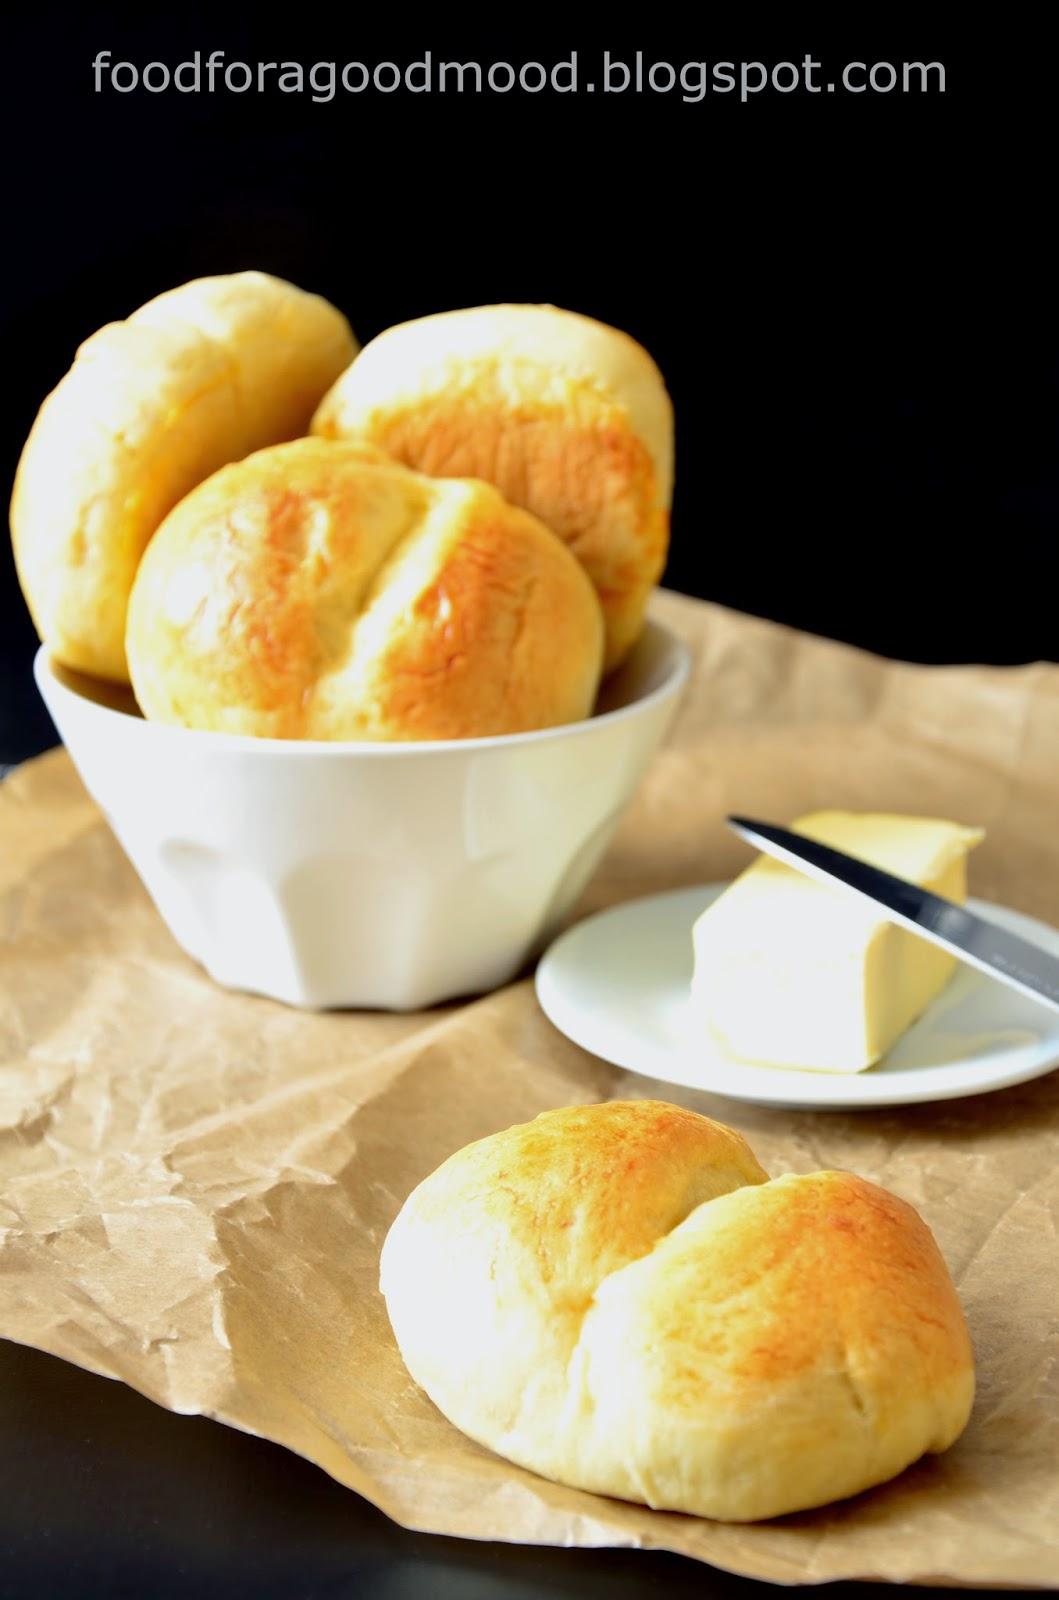 Dobrze dobrane proporcje ciasta powodują, że nie klei się ono do rąk i łatwo formuje. Bułki, w przeciwieństwie do tych ze sklepu, nie są sztucznie napompowane, a mimo to mięciutkie. No i ten aromat pieczywa w całym domu!